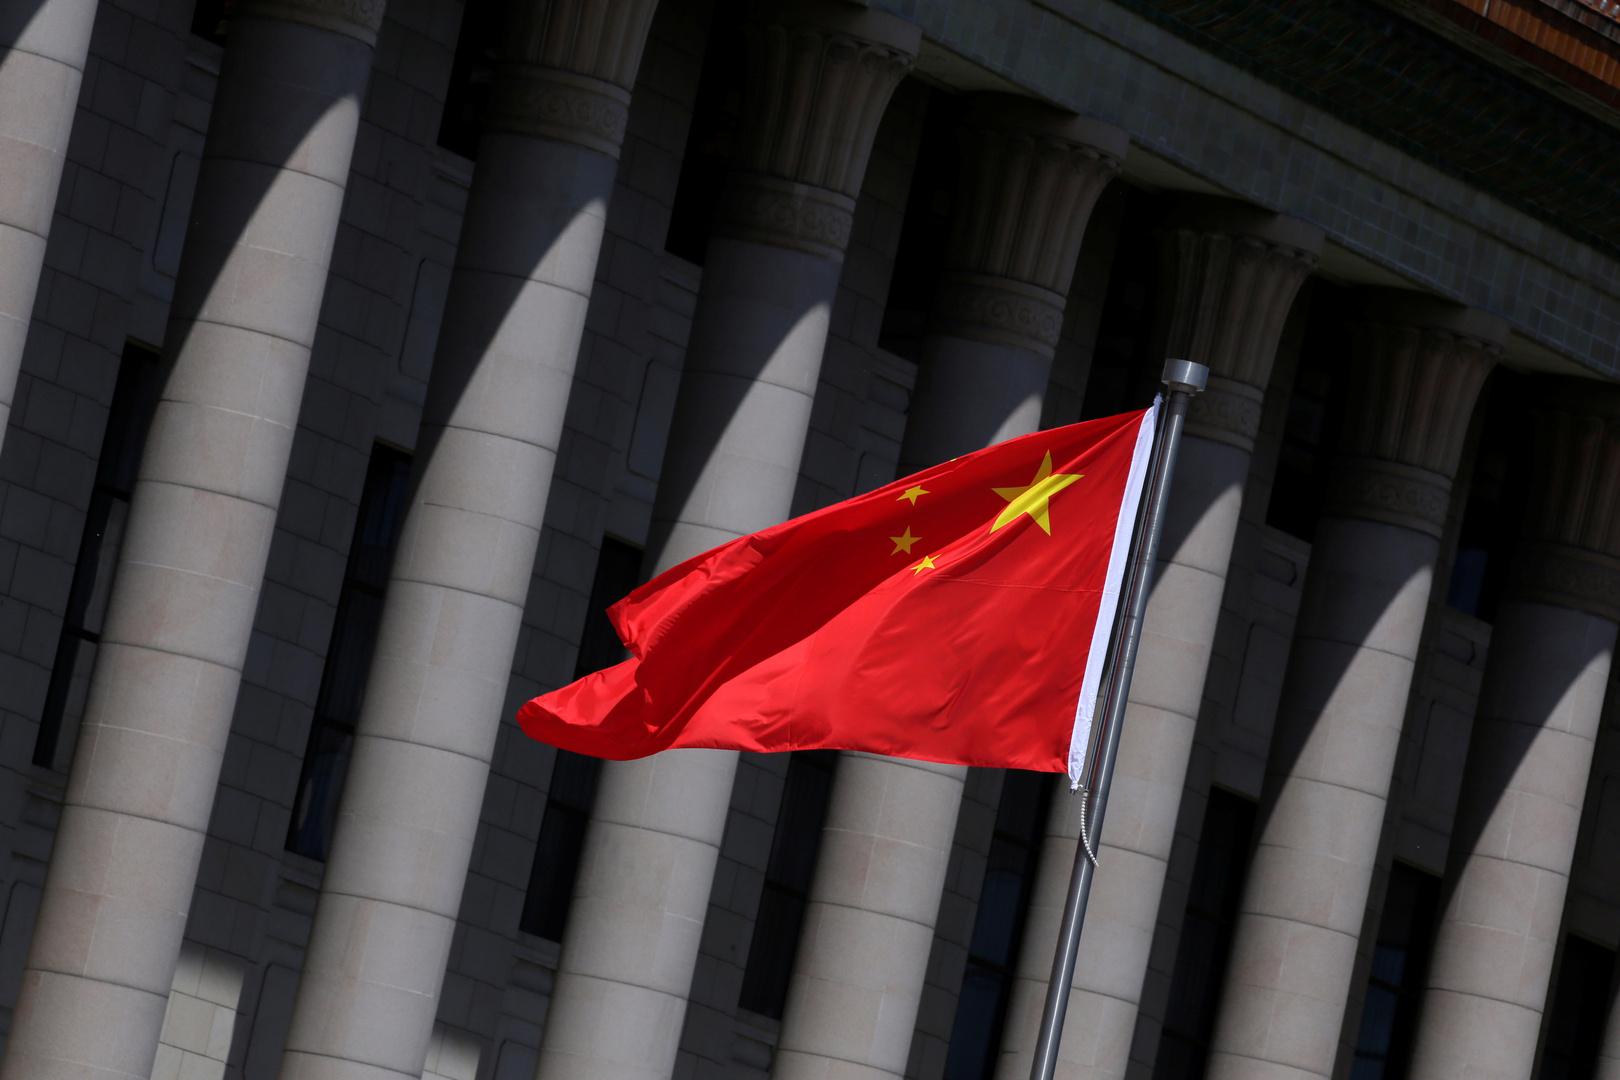 بكين ترفض استنتاجات الأمن البلجيكي بشأن التجسس المحتمل من قبل طلبة صينيين